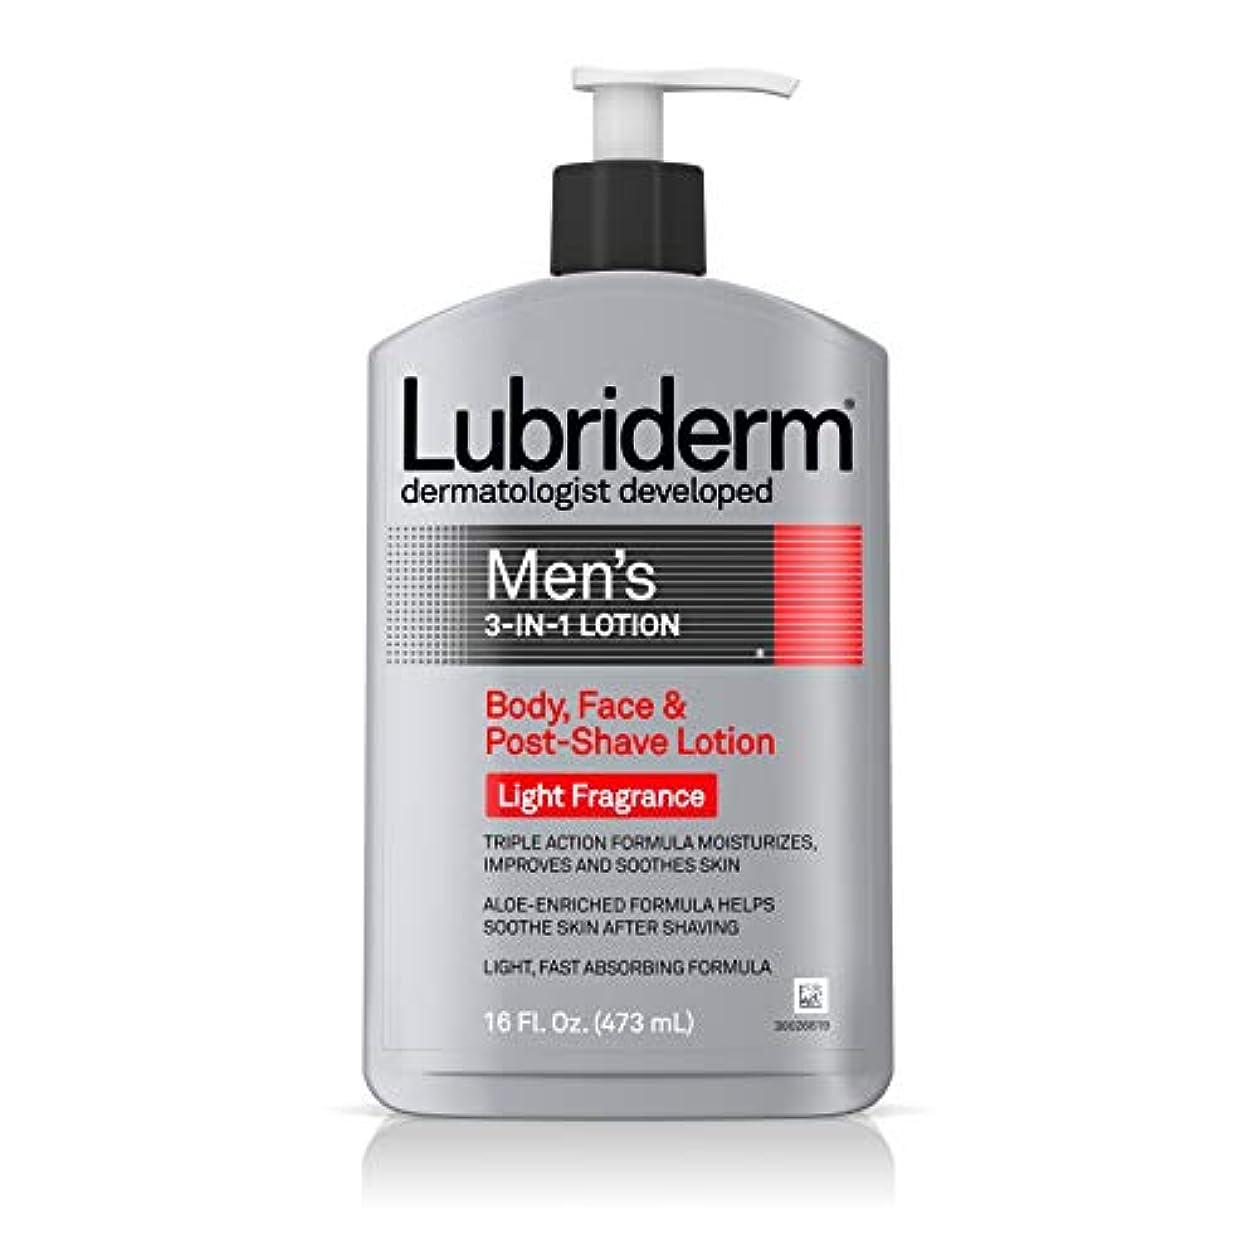 落花生窒息させる説明するLubriderm メンズ3-IN-1ボディローションライトフレグランスで、16フロリダ。オズ